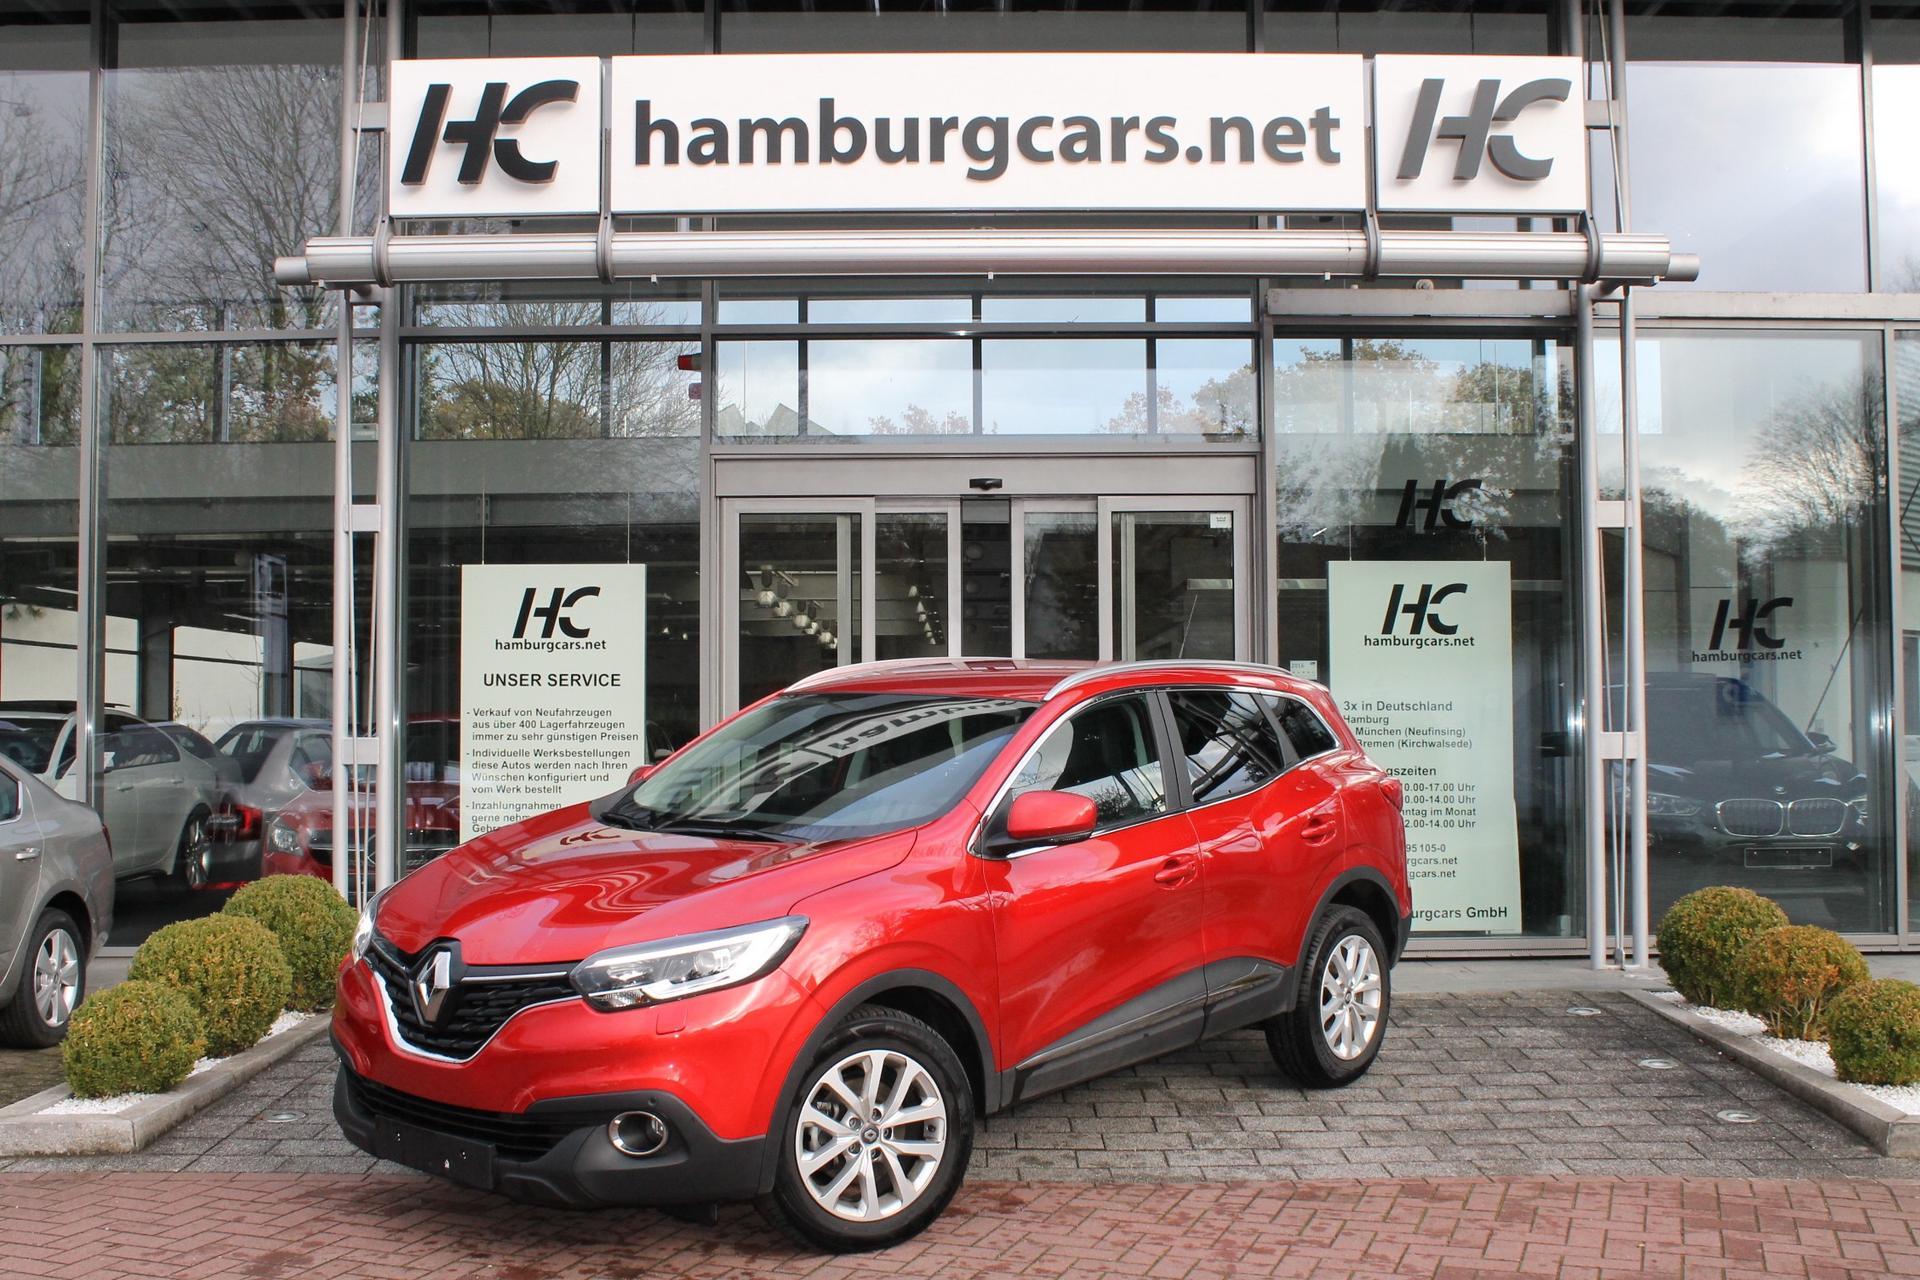 Renault Kadjar -Grau-  Hamburgcars